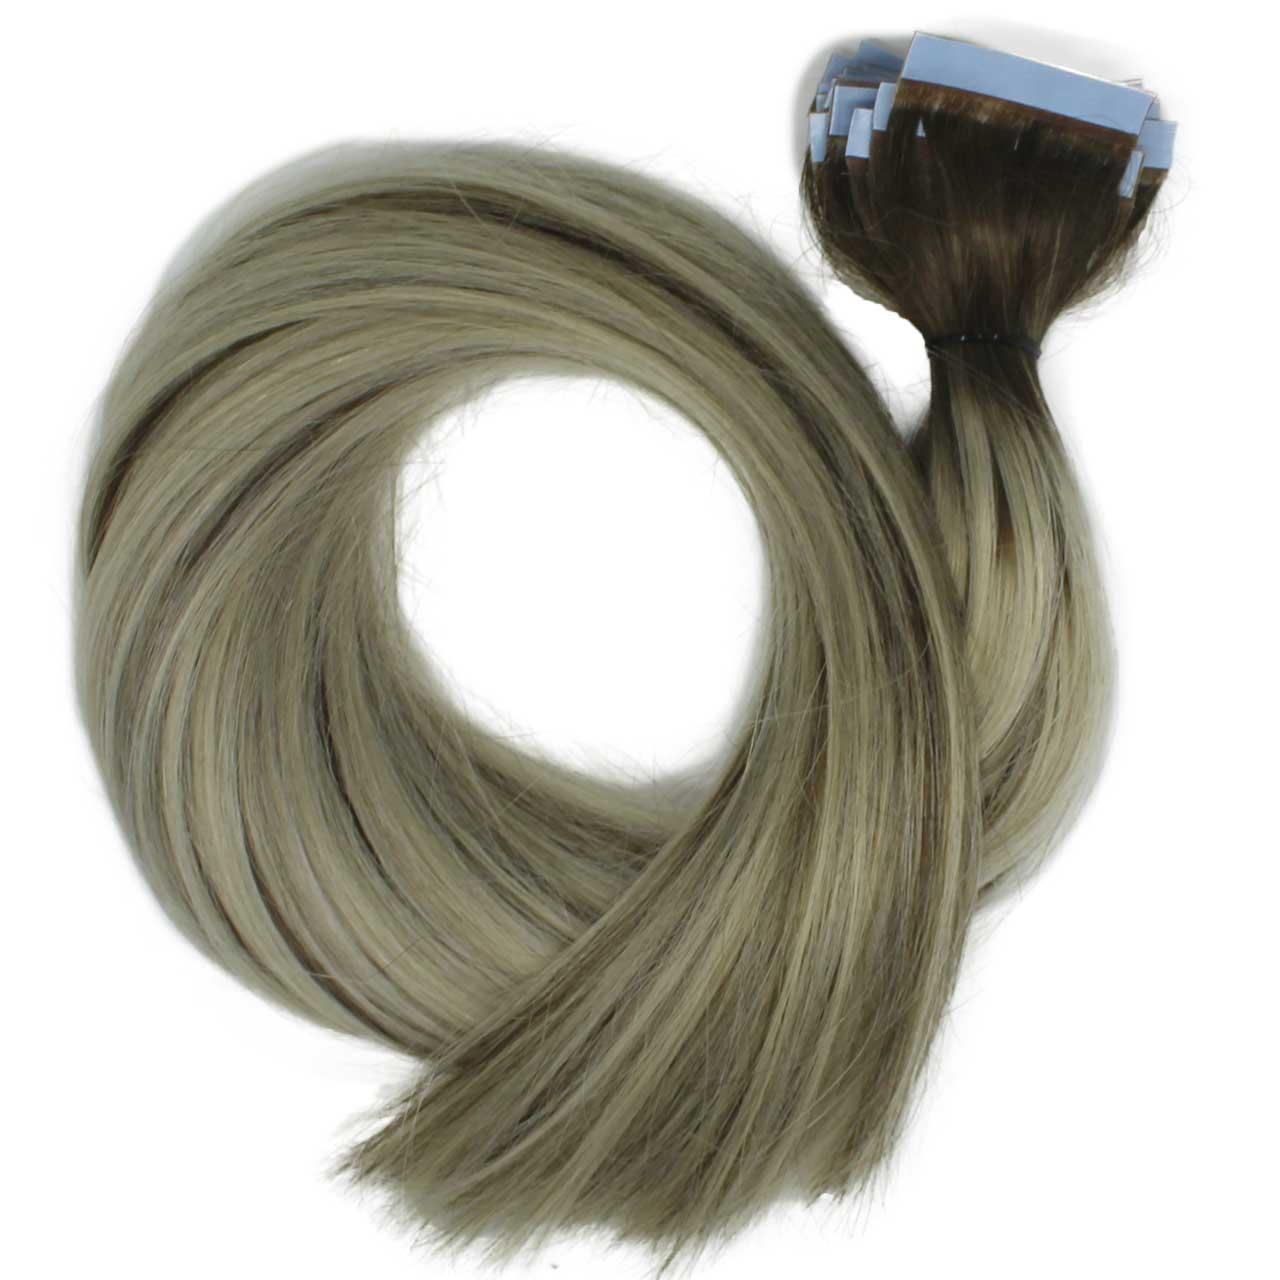 Mega Hair Fita Adesiva Platinado Ombré Hair com Mechas Loiro Escuro 200 g